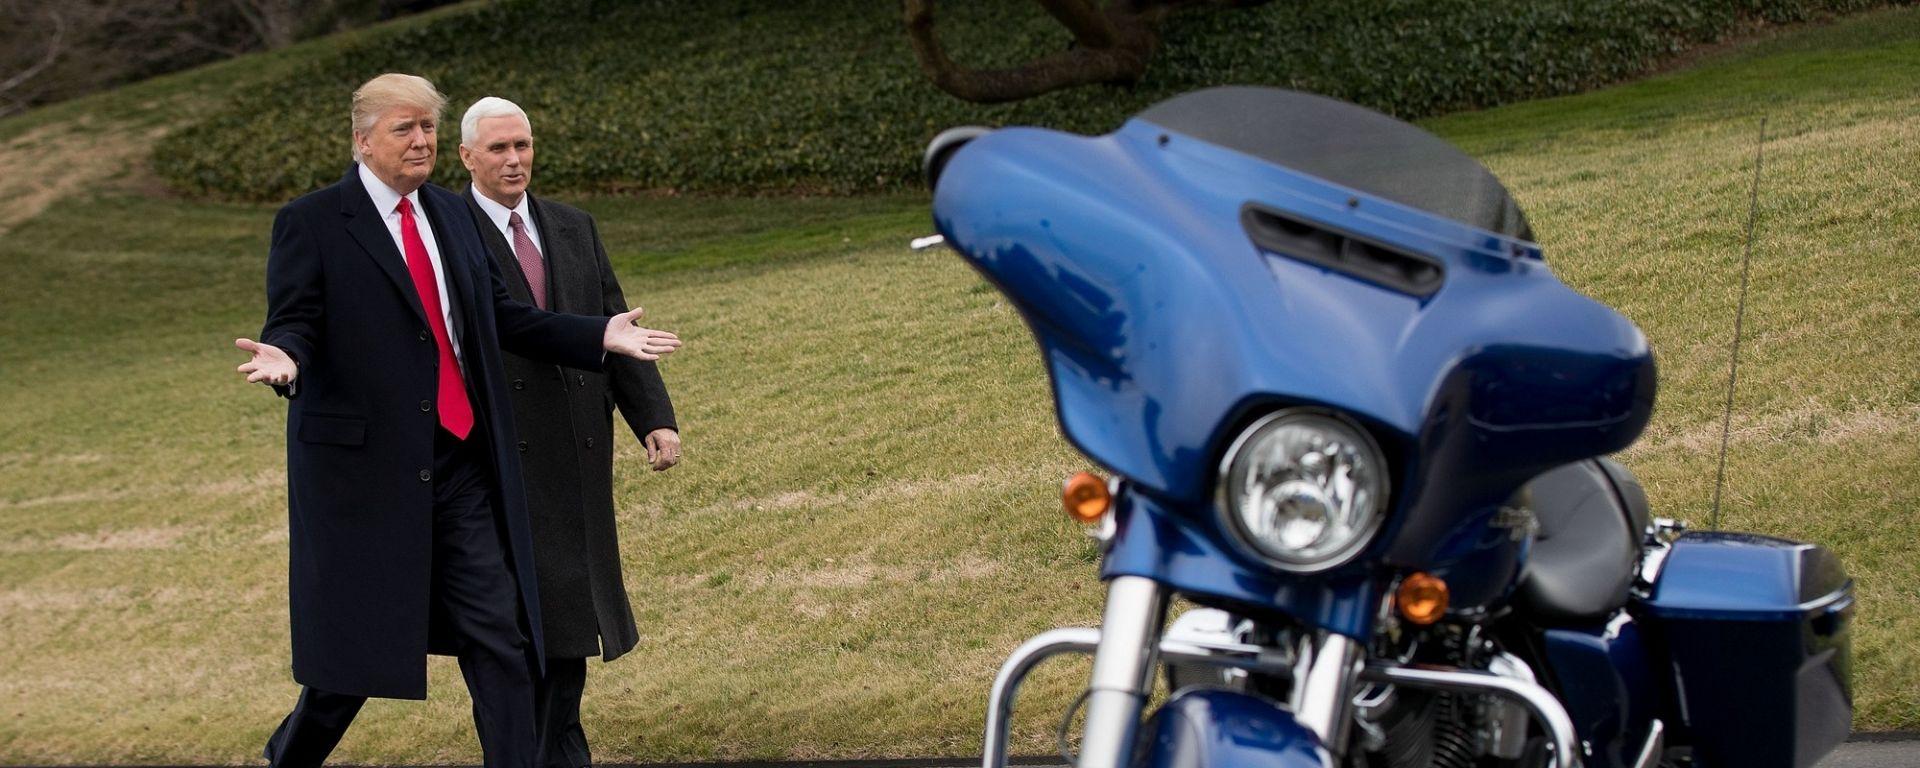 Trump tradito dal servizio di sicurezza... con Harley Davidson